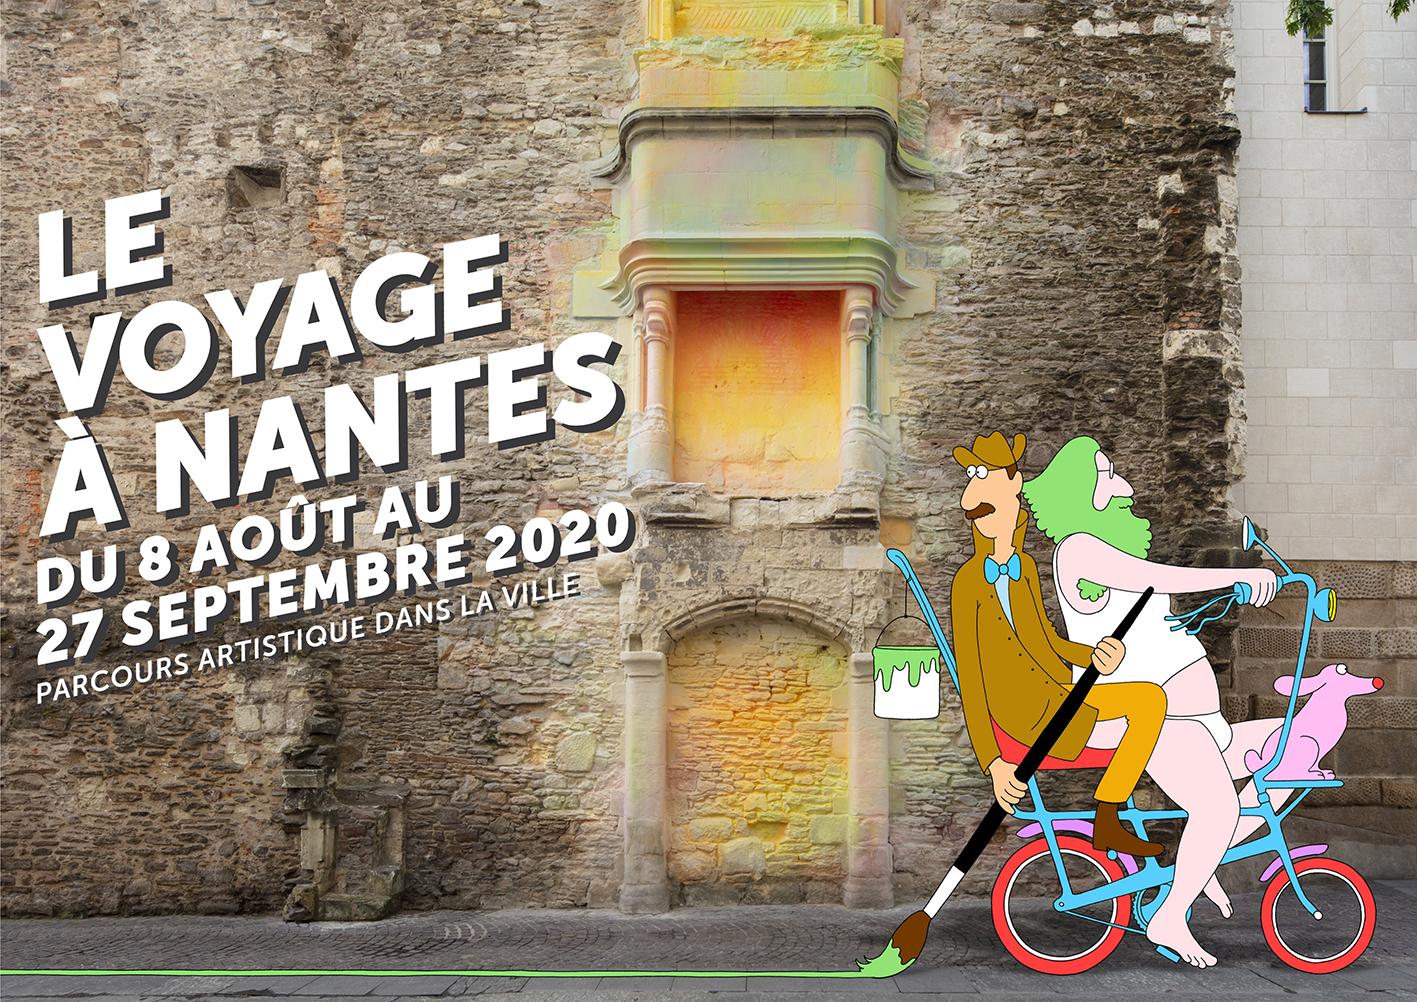 Le Voyage à Nantes, du 8 août au 27 septembre 2020.